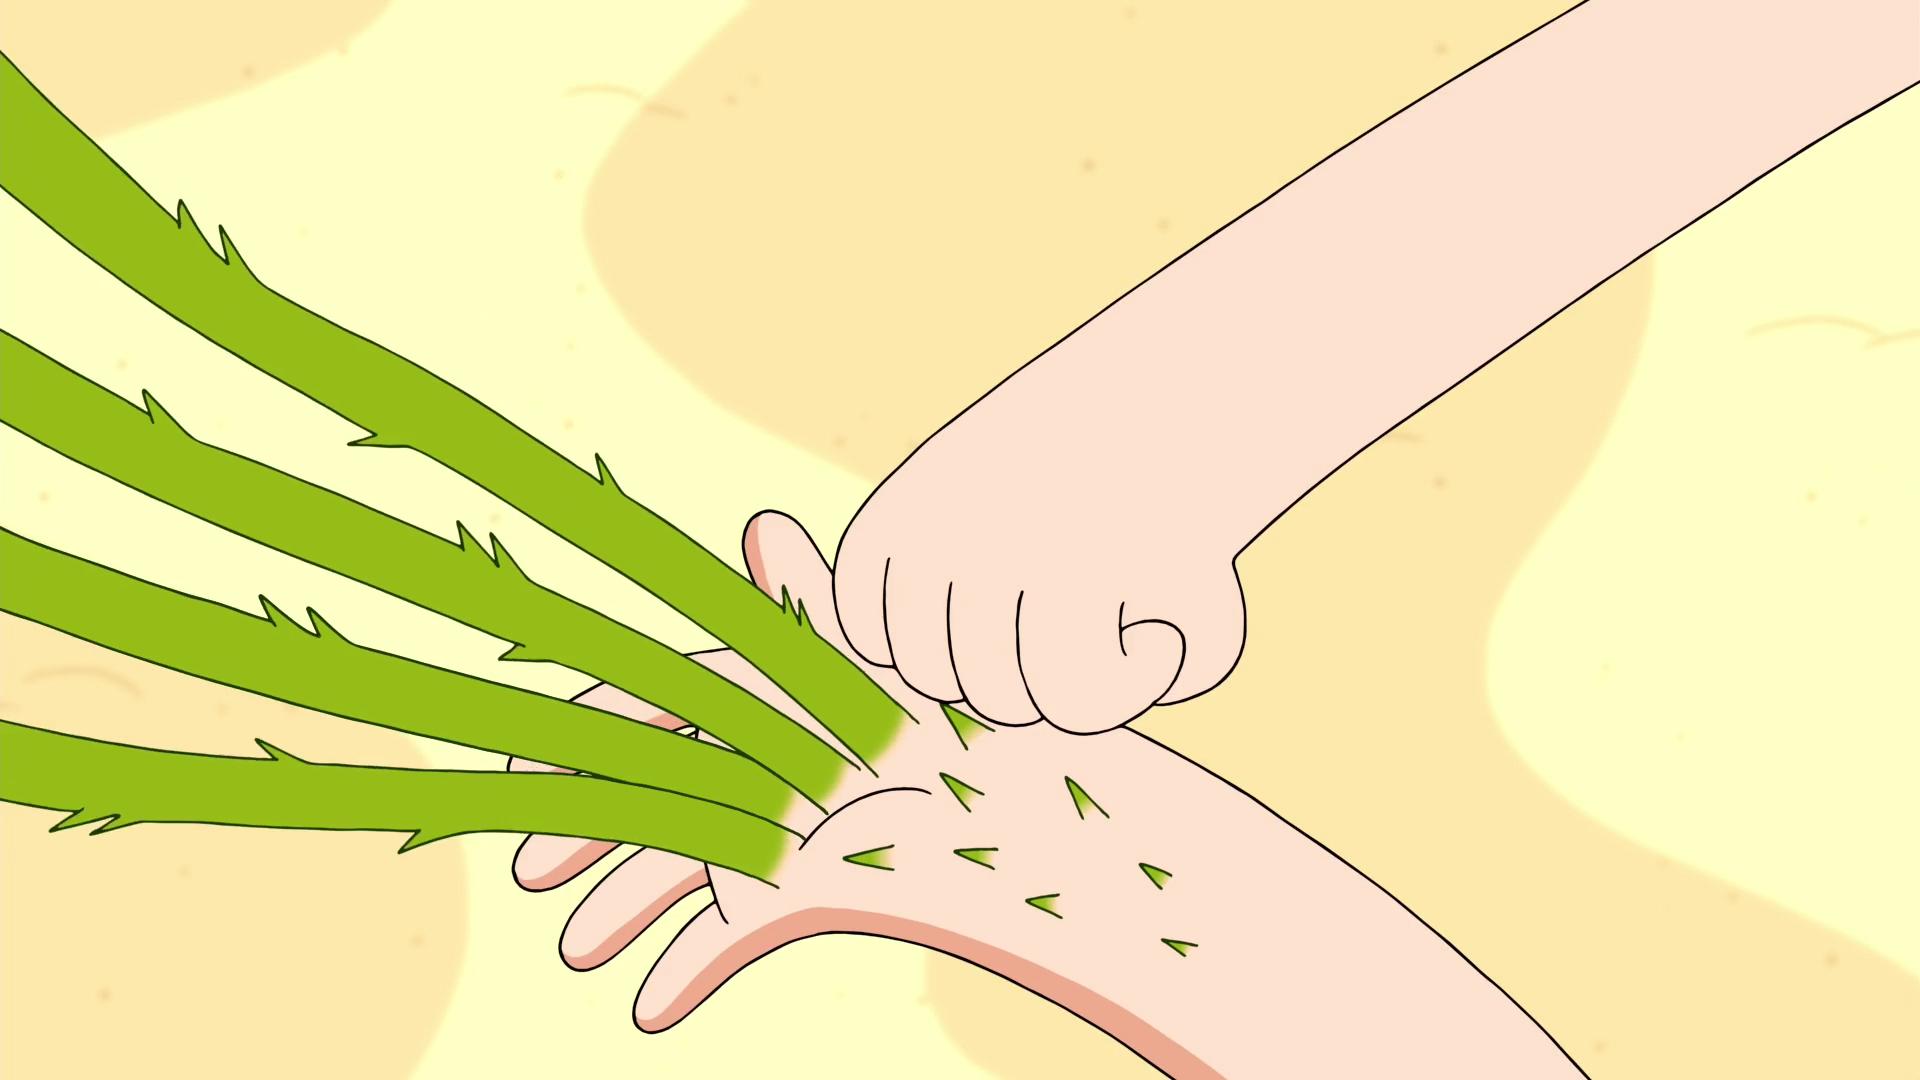 Finn Hits his Grass Arm